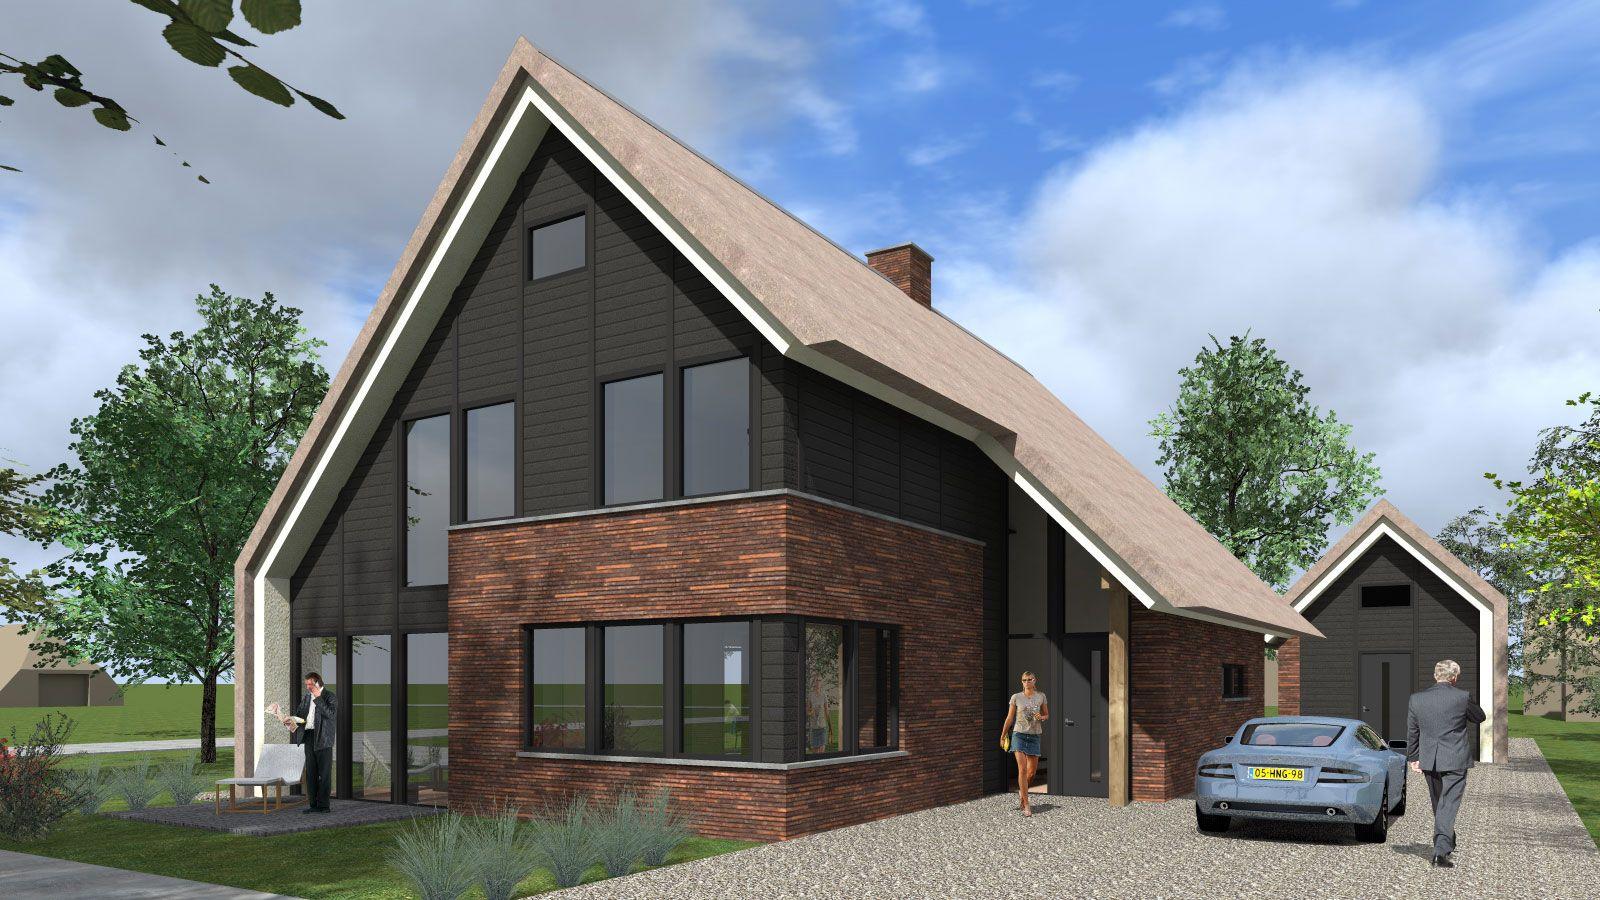 Een eigentijdse zweedse woning in harderwijk deze woning is stoer vormgegeven en heeft zijn for Eigentijdse buitenkant